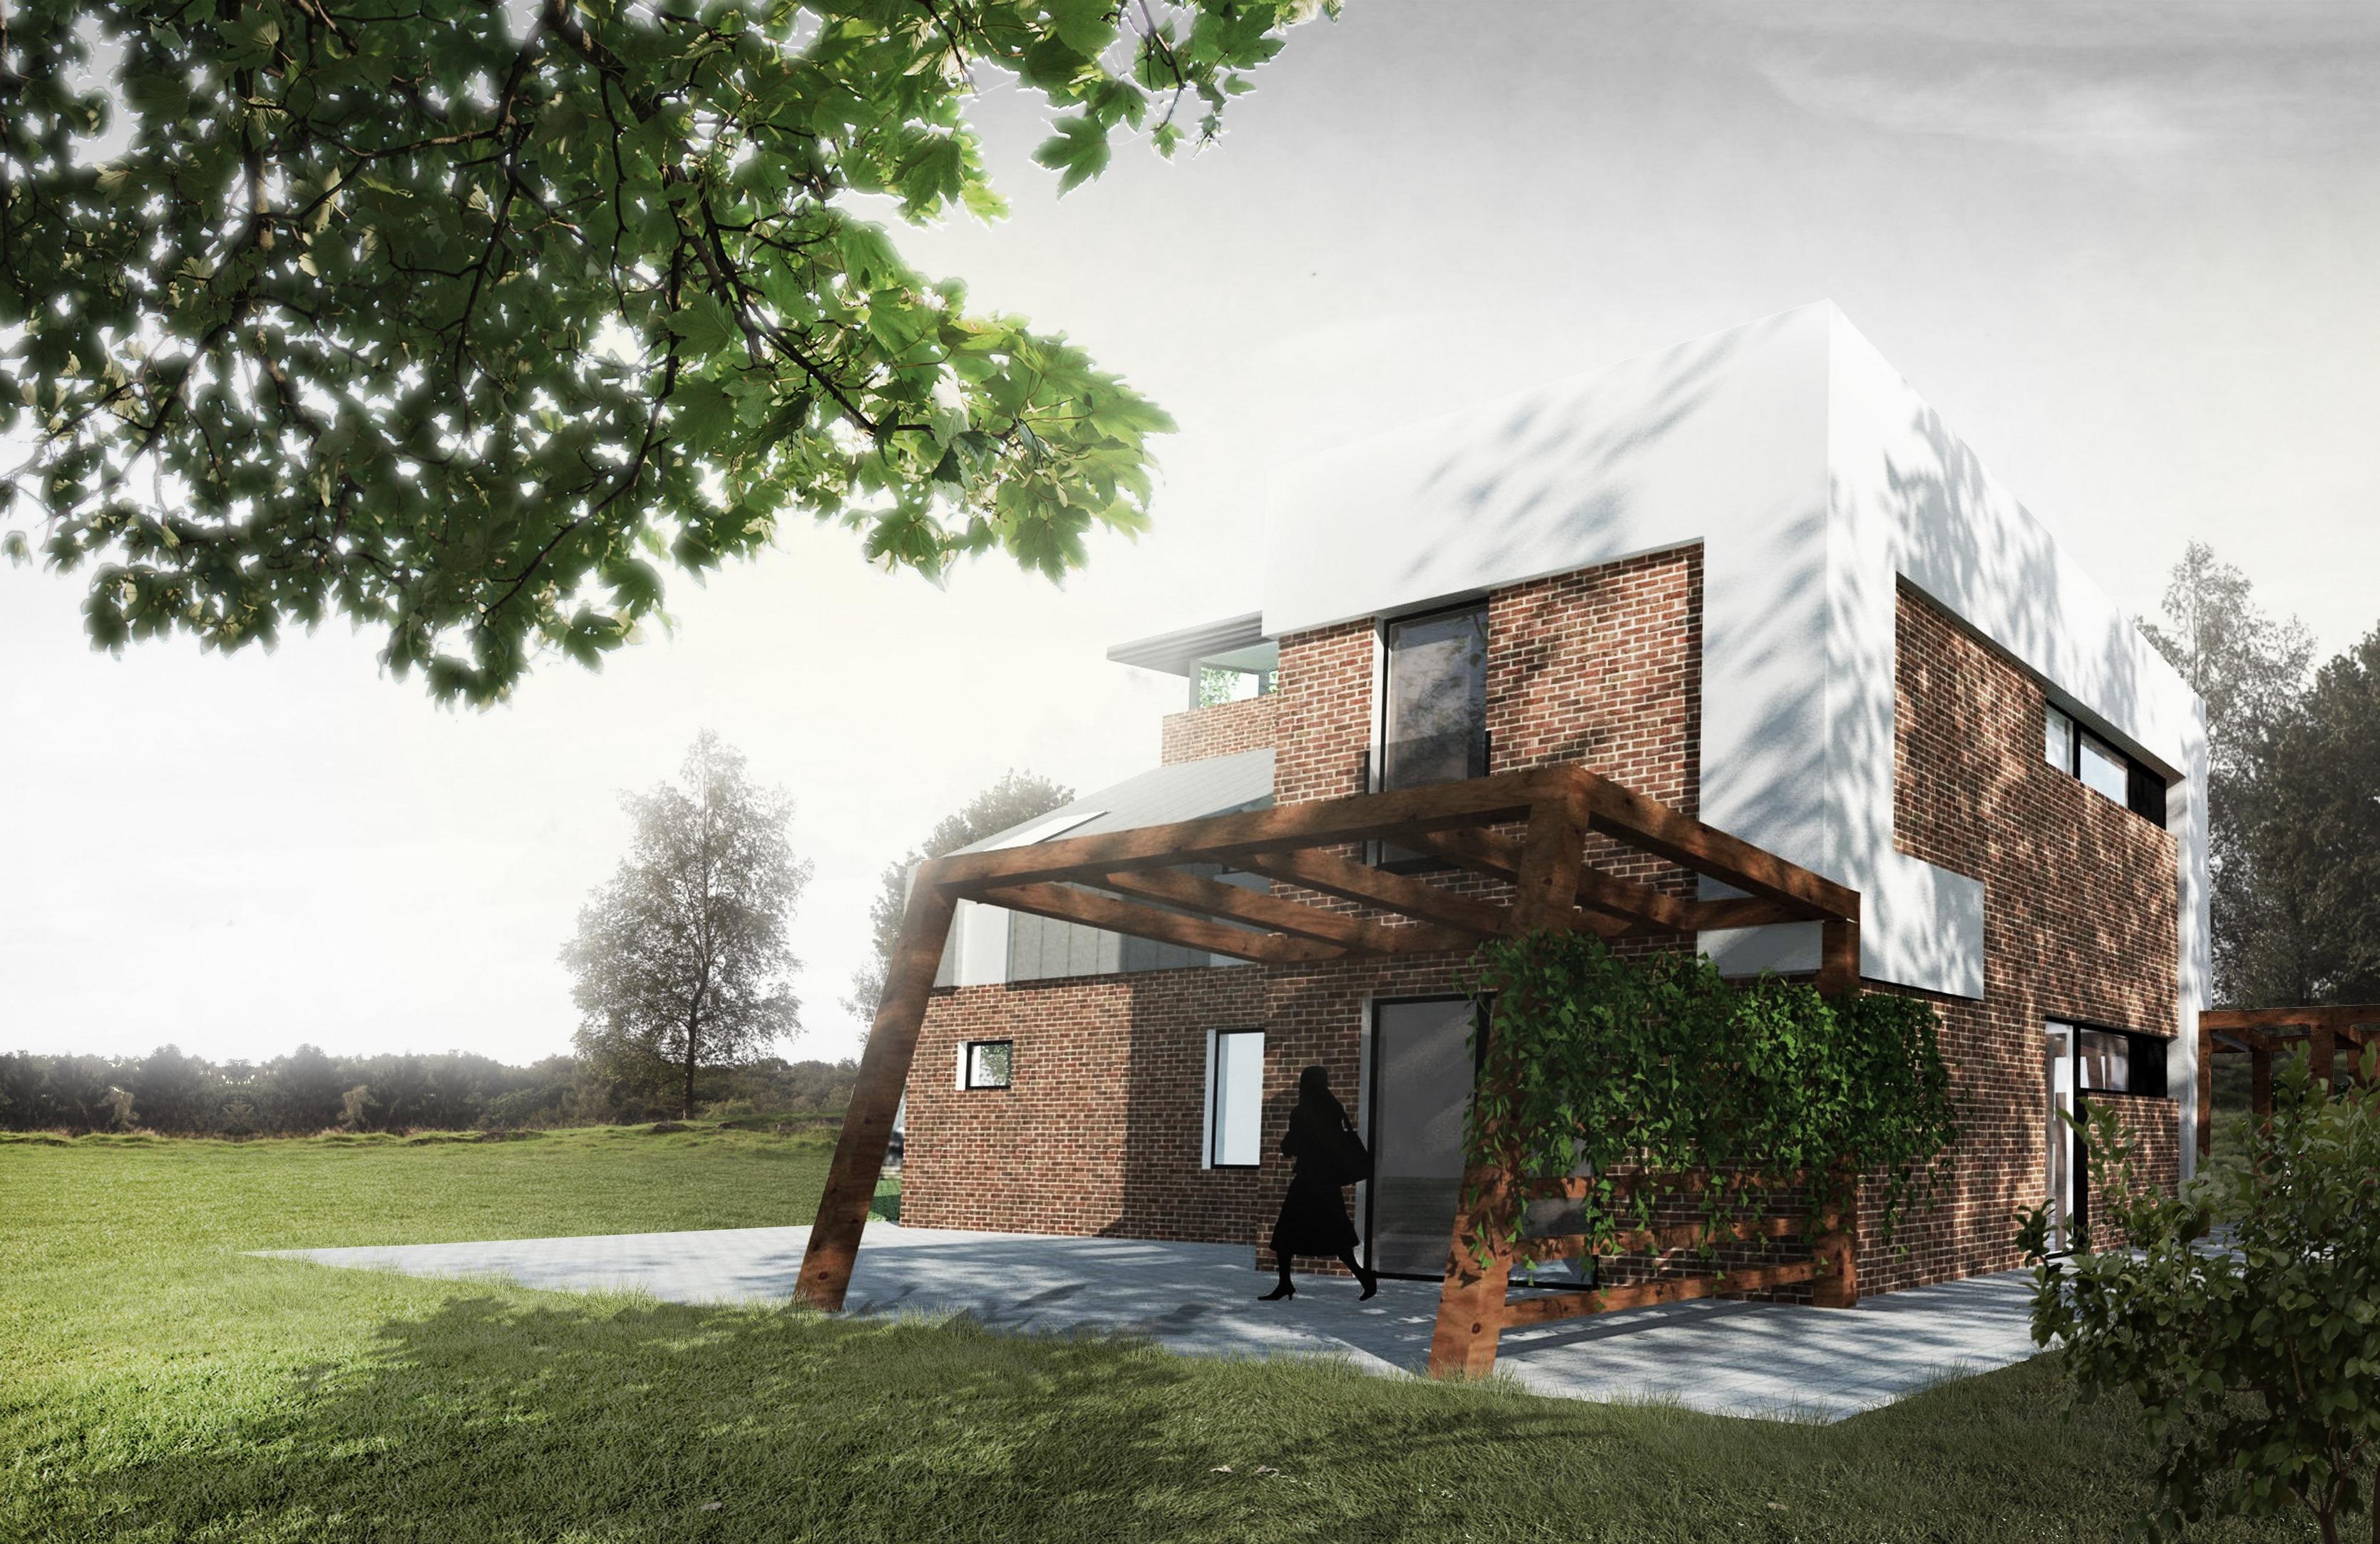 dom-w-mechnicach-projekt